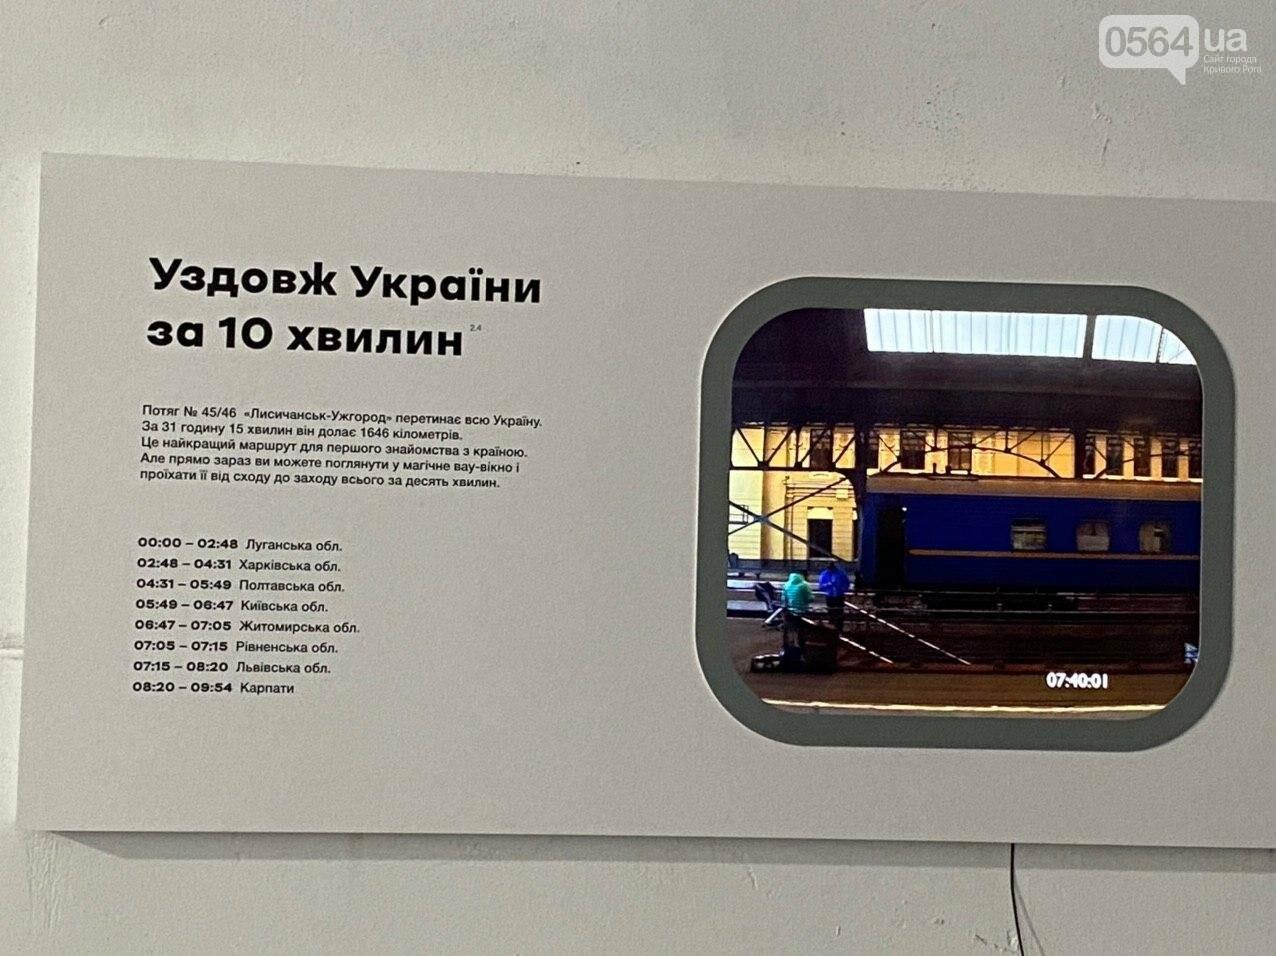 Ukraine WOW: что можно было узнать о Кривом Роге на интерактивной выставке, - ФОТО , фото-12